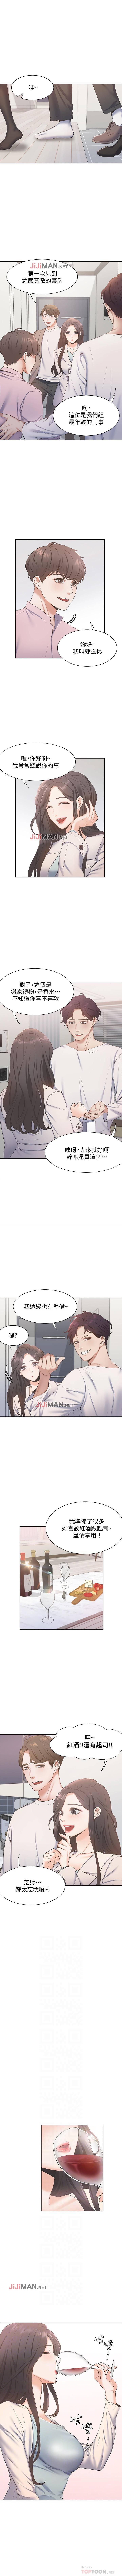 【周五连载】渴望:爱火难耐(作者:Appeal&格子17) 第1~24话 11